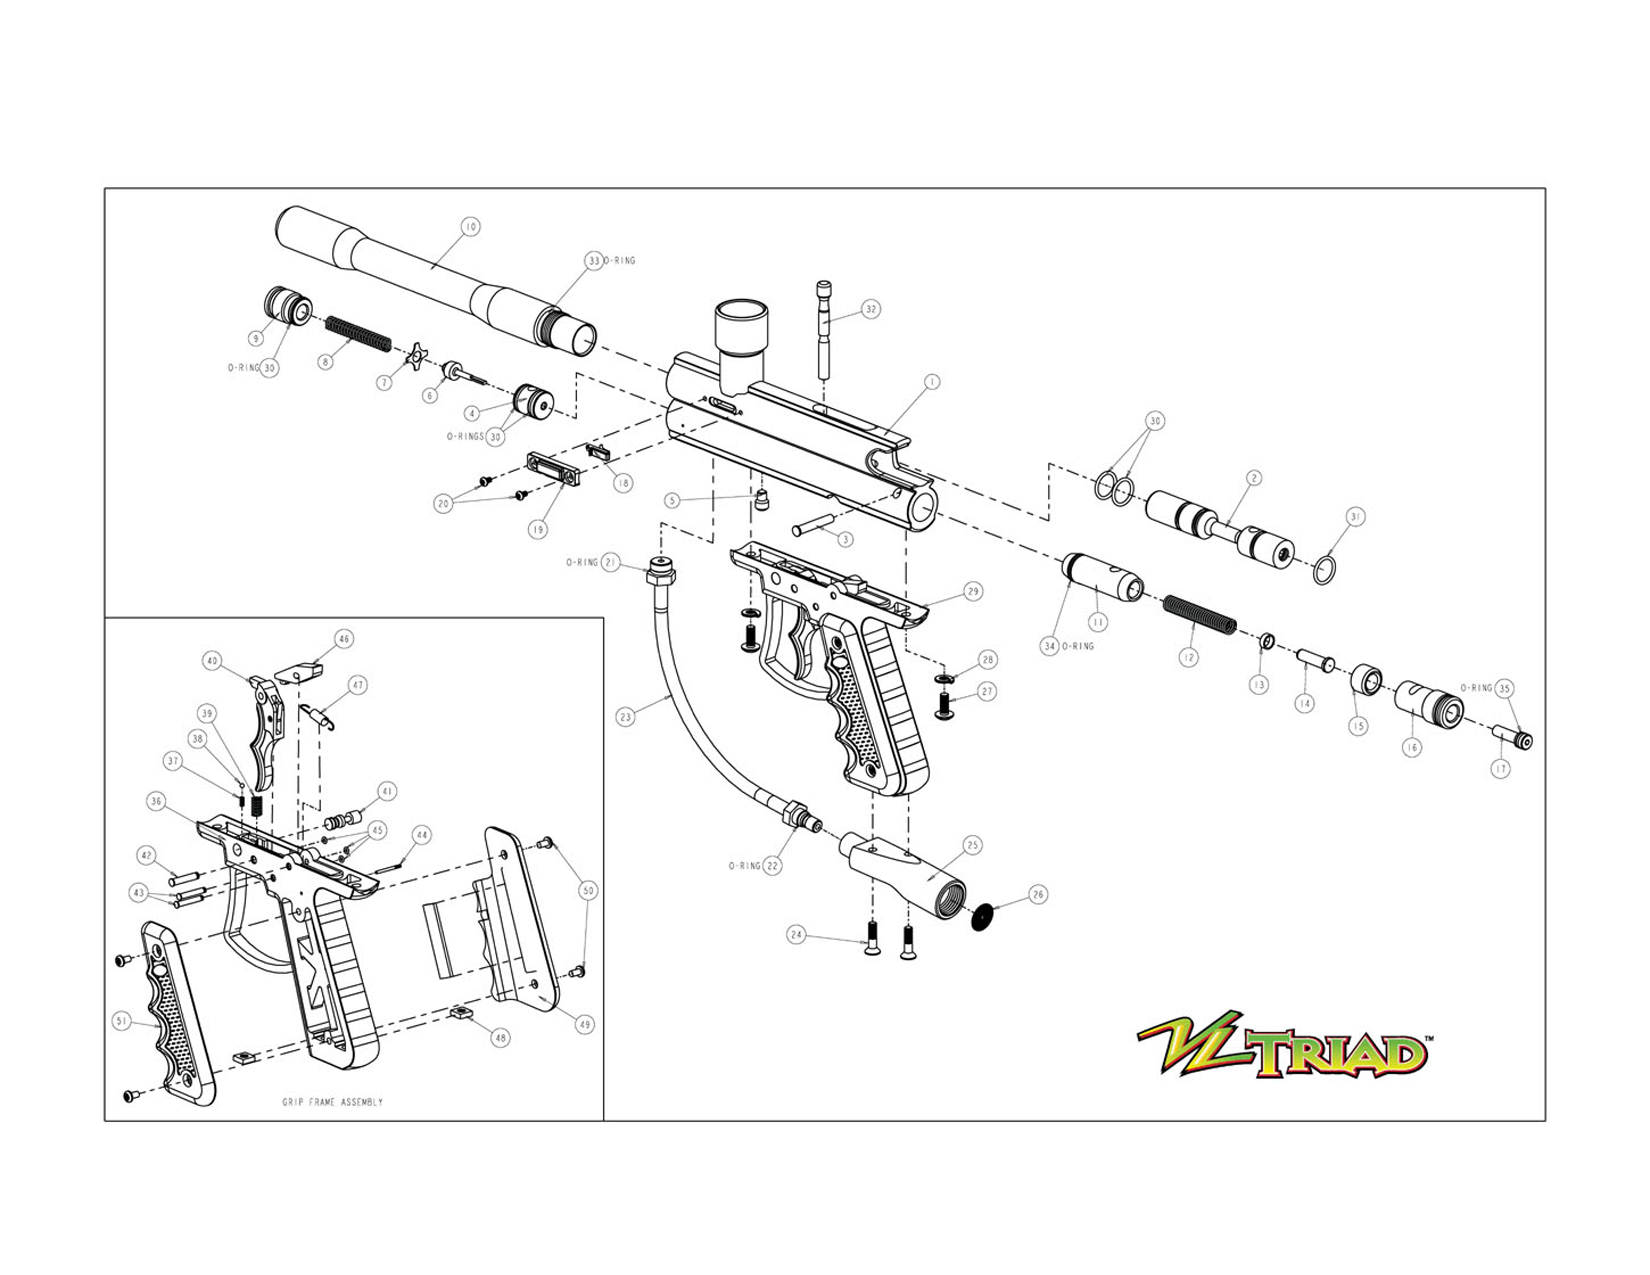 ViewLoader Triad Gun Diagram